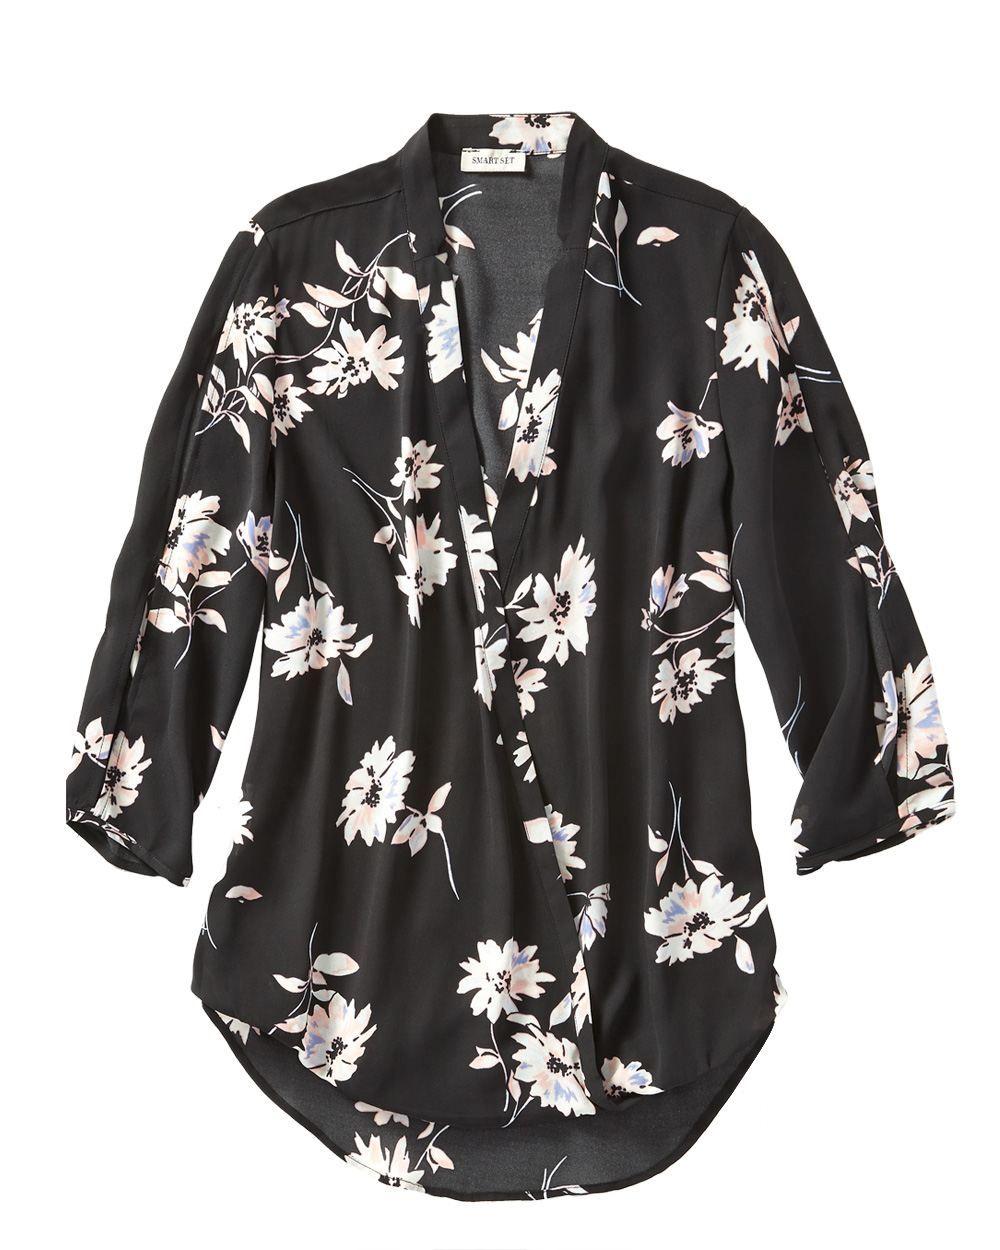 Wrap blouse Smart Set Wrap blouse, Blouse, Shopping